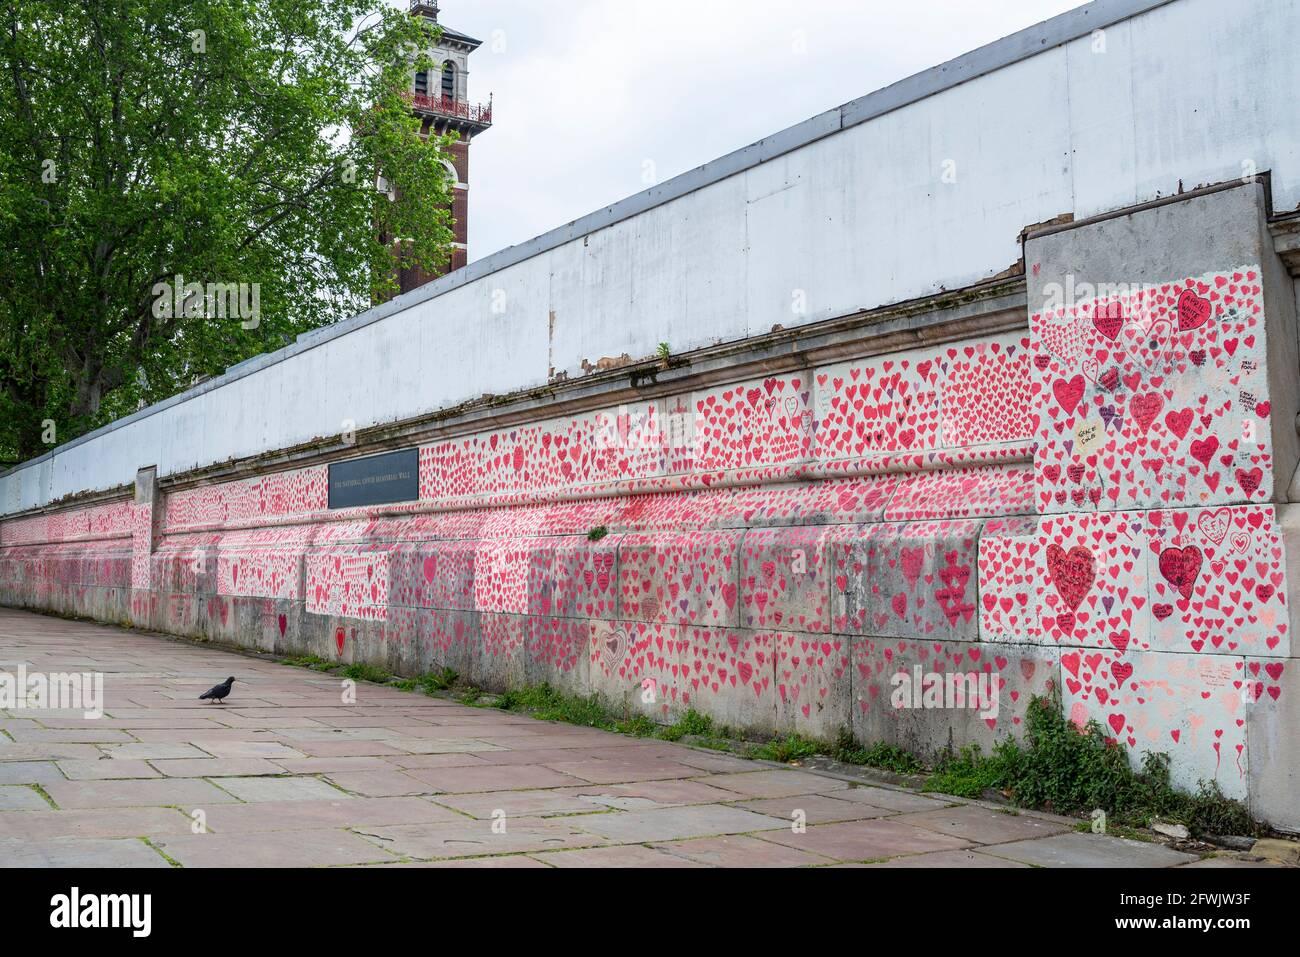 National Covid Memorial Wall en un sombrío día nublado en Lambeth, Londres, Reino Unido. Corazones rojos dibujados en una pared que representa cada muerte de COVID 19. Pájaro Foto de stock